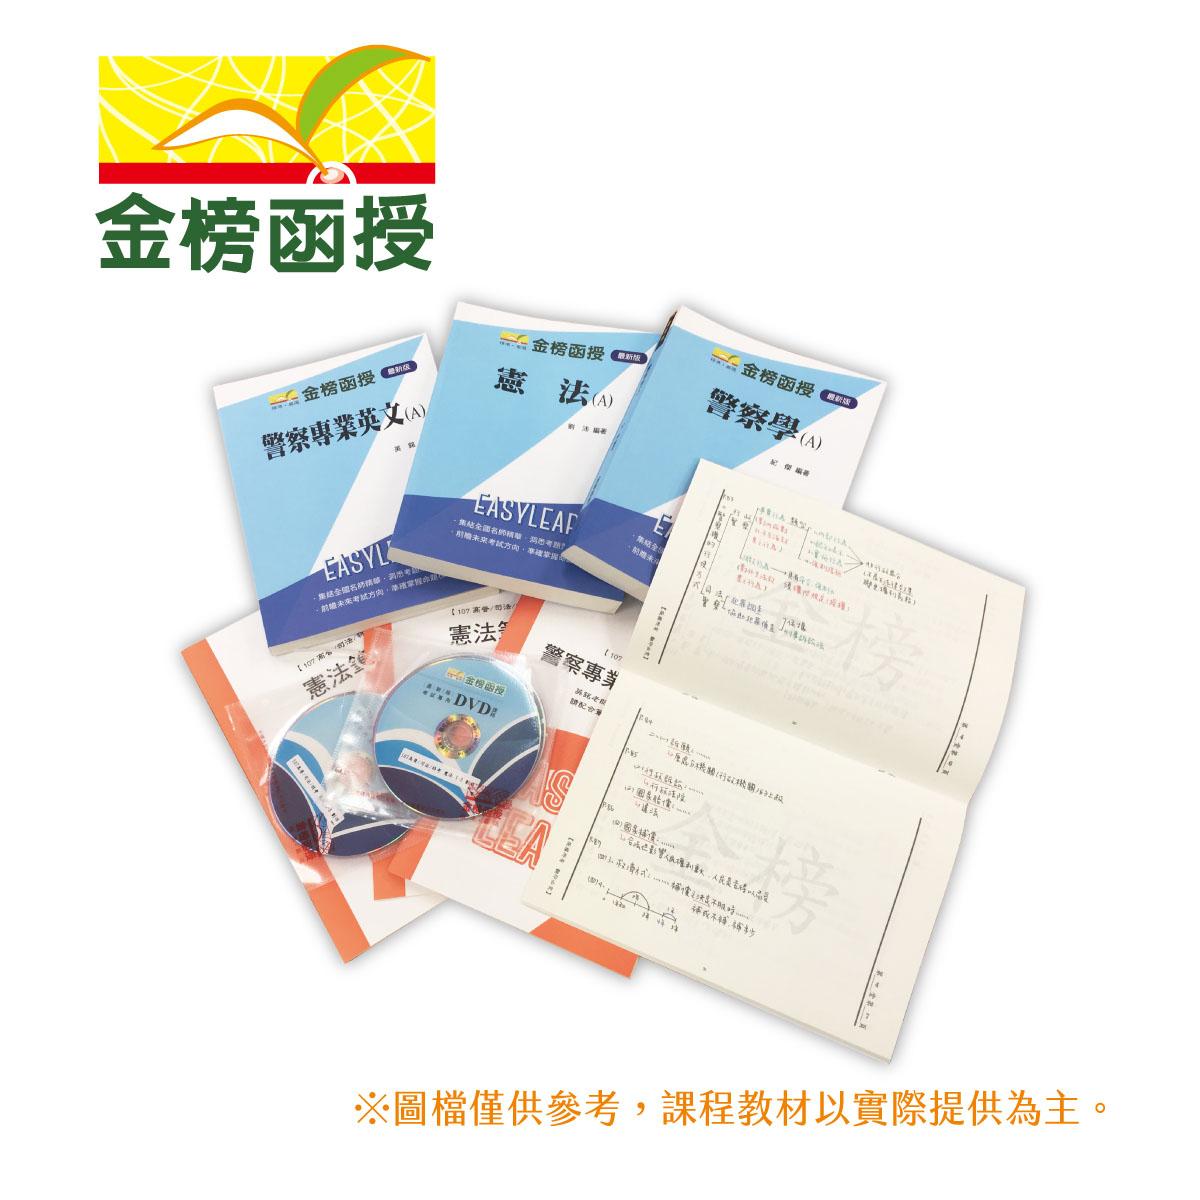 108金榜函授/高考三级/年度课程/全套/财经廉政/DVD